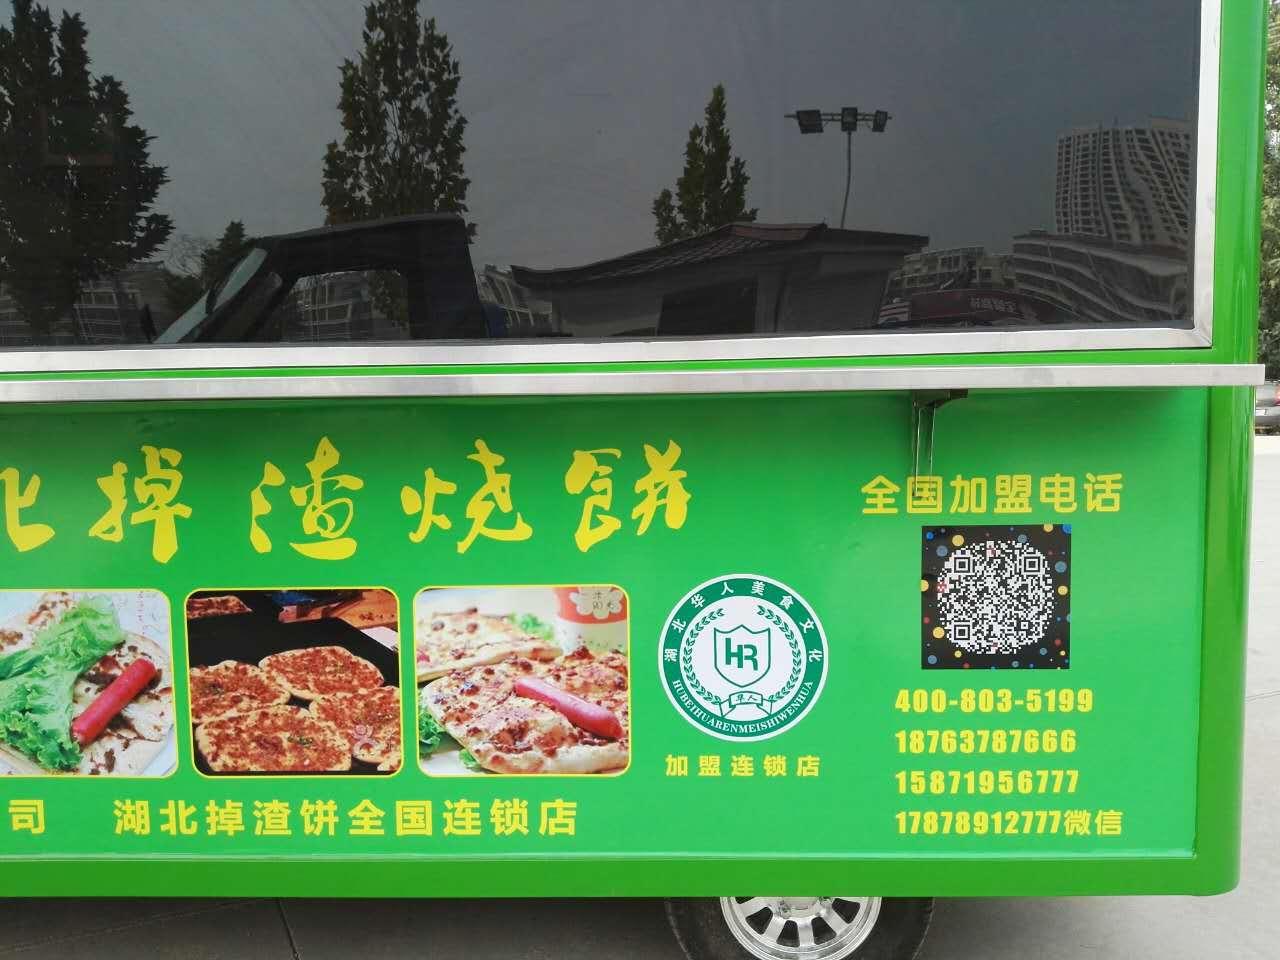 山东华人餐饮提供体系完善的掉渣饼加盟,掉渣饼加盟怎么样